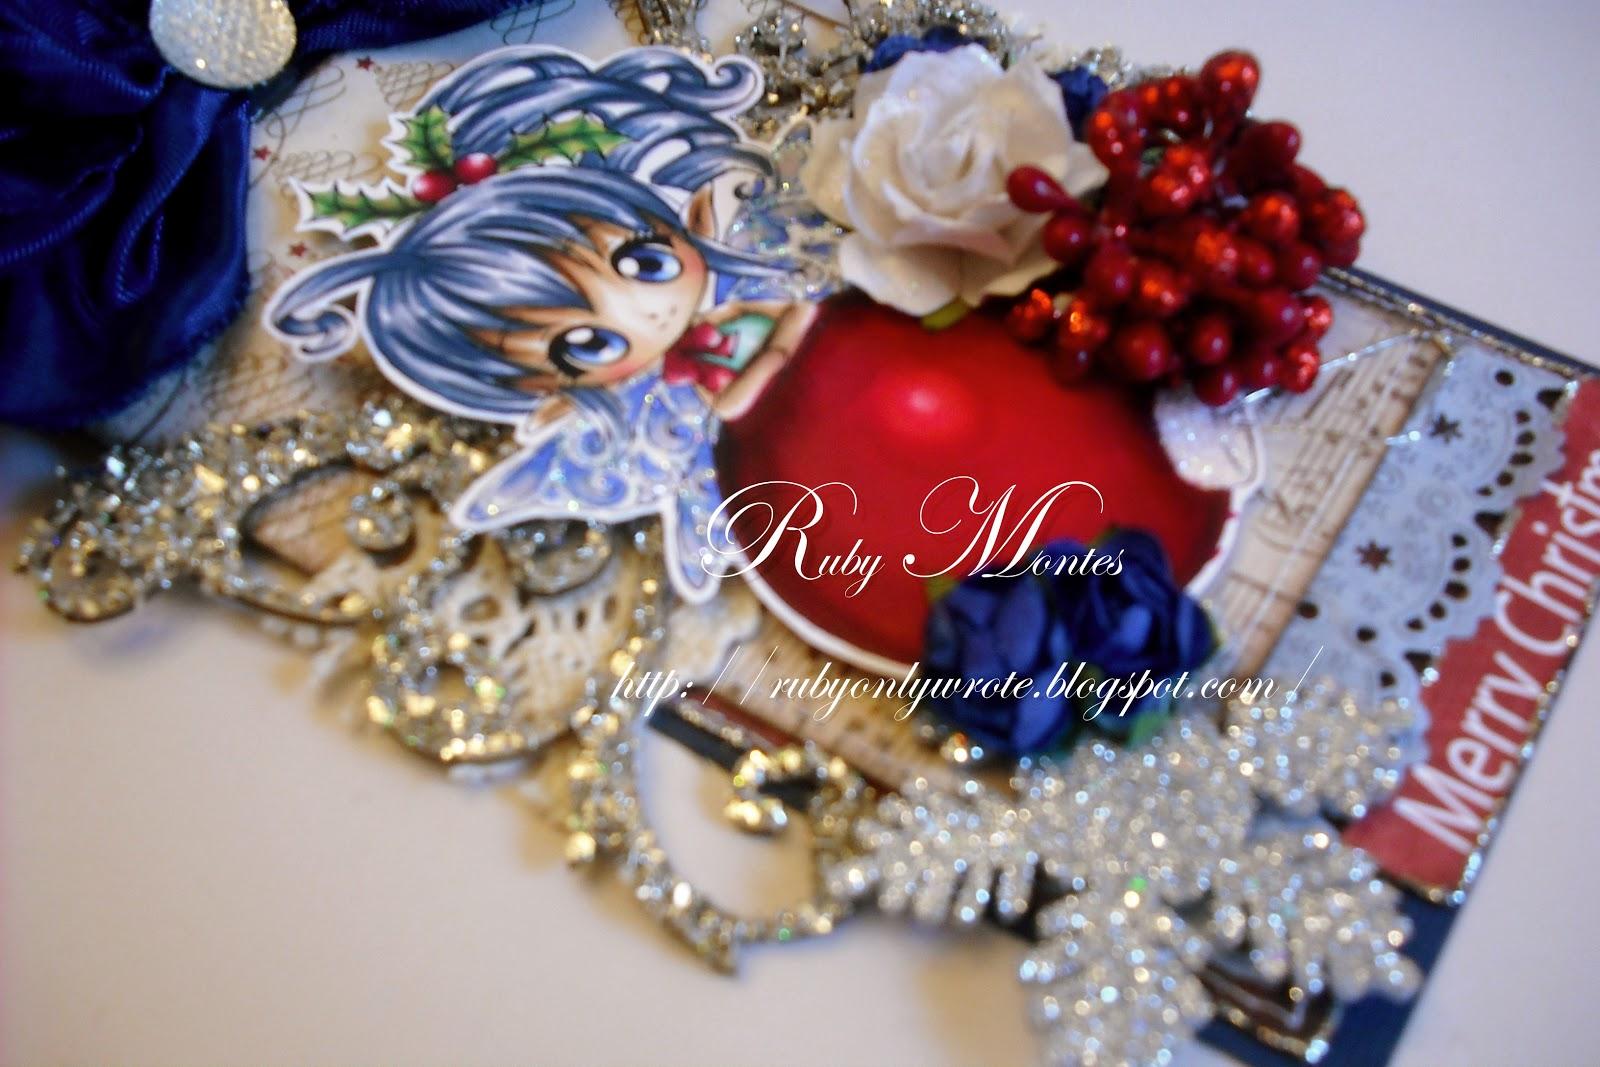 http://4.bp.blogspot.com/-cY-NifYcywQ/UMkAAfQdksI/AAAAAAAAEqI/M2_g76lTmtU/s1600/MIC+Fairy+Bauble+tag+%232.JPG